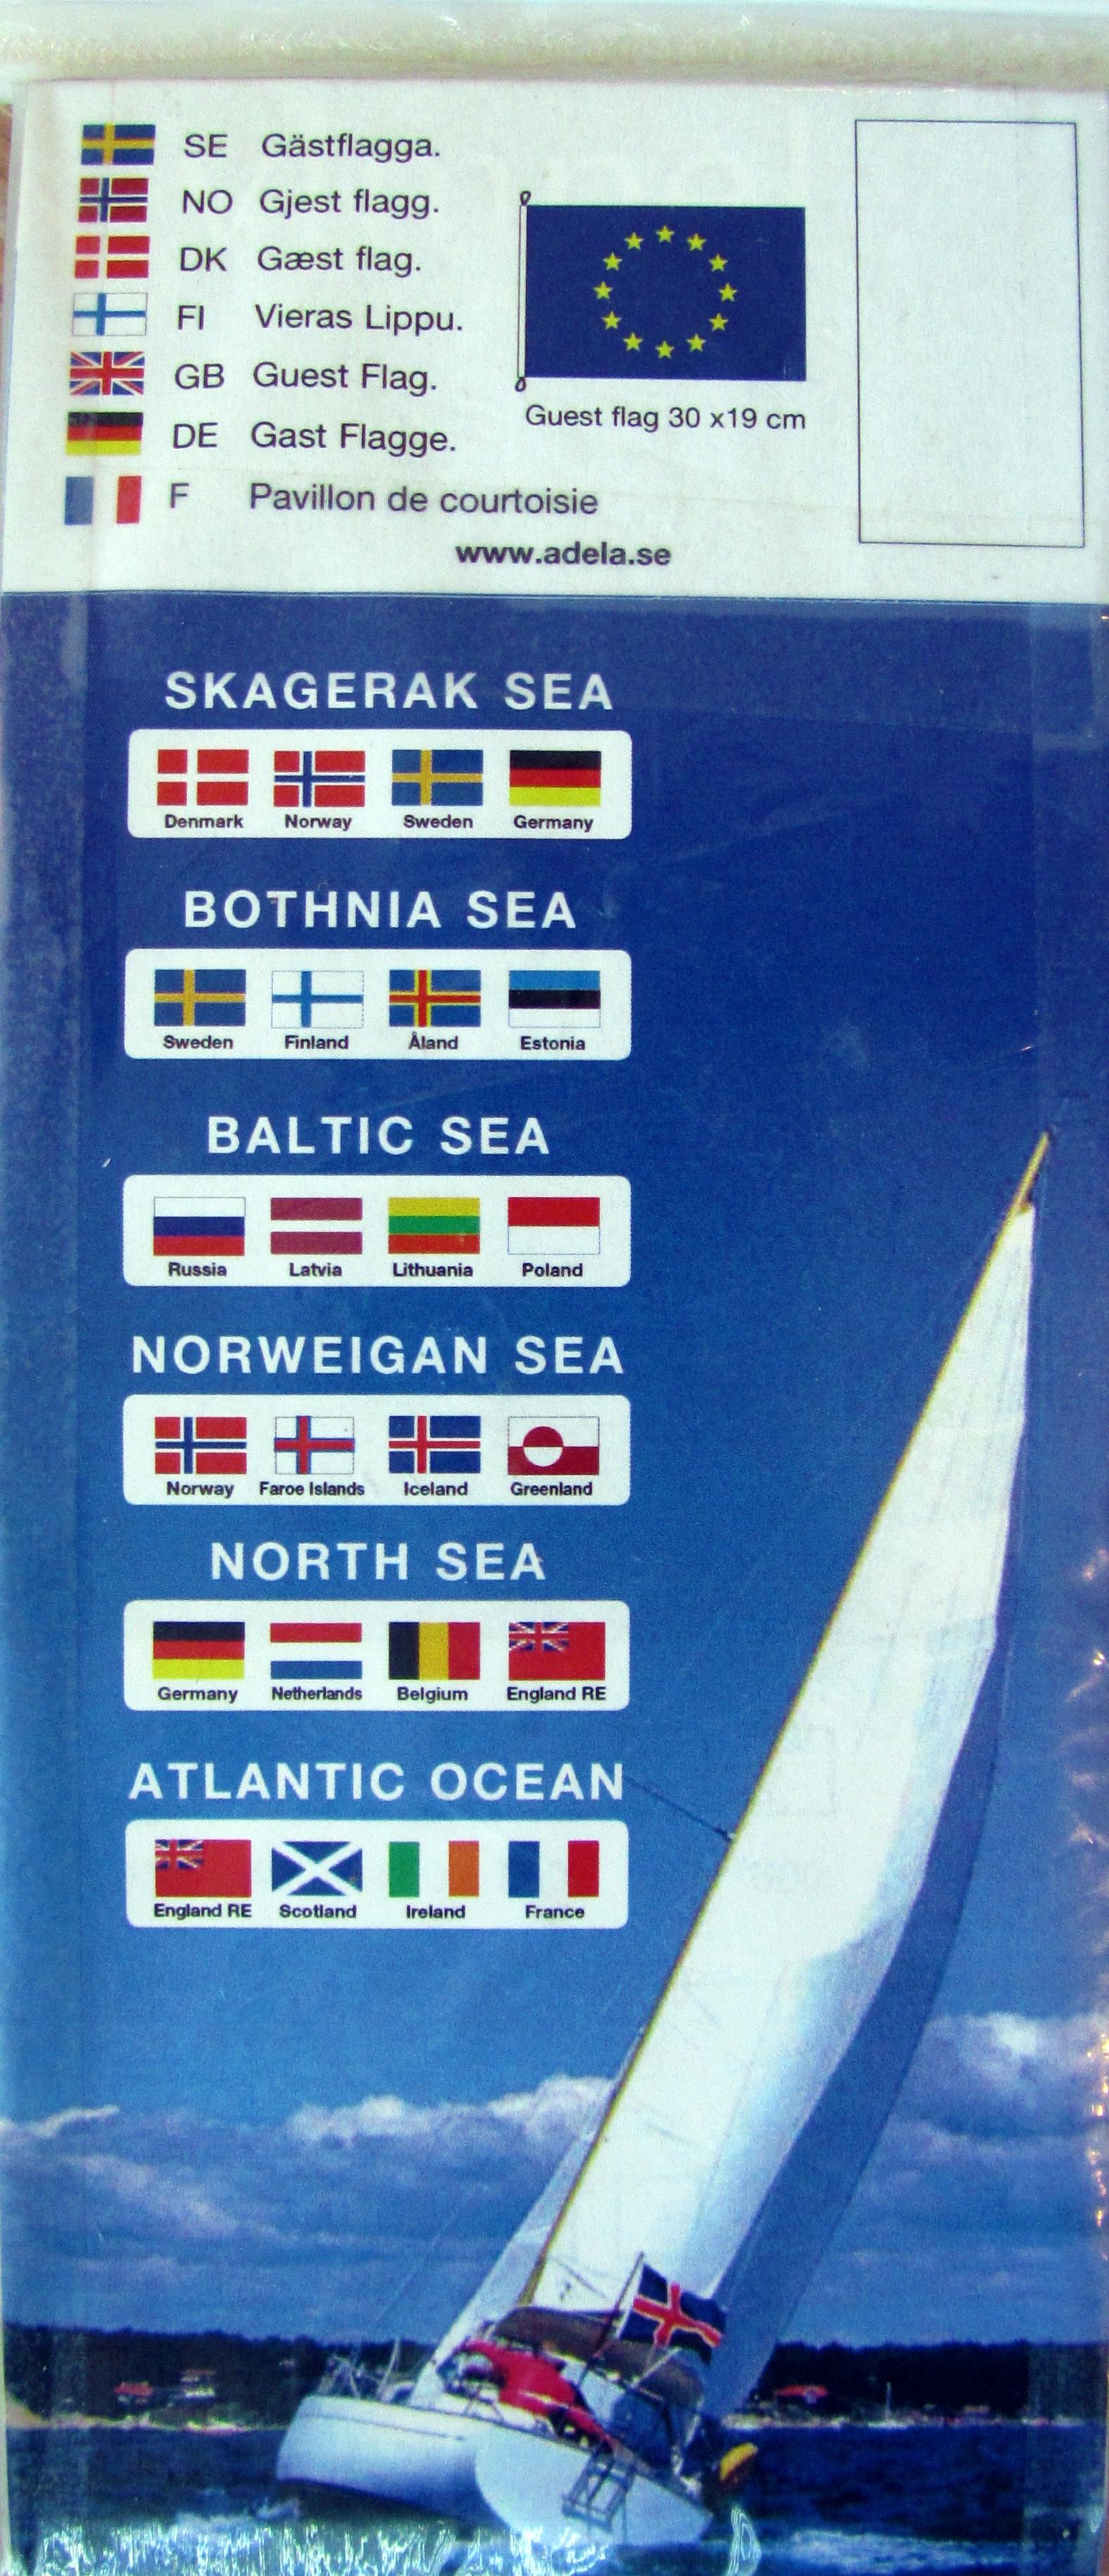 Gästflaggort nordsjön 4st/frp